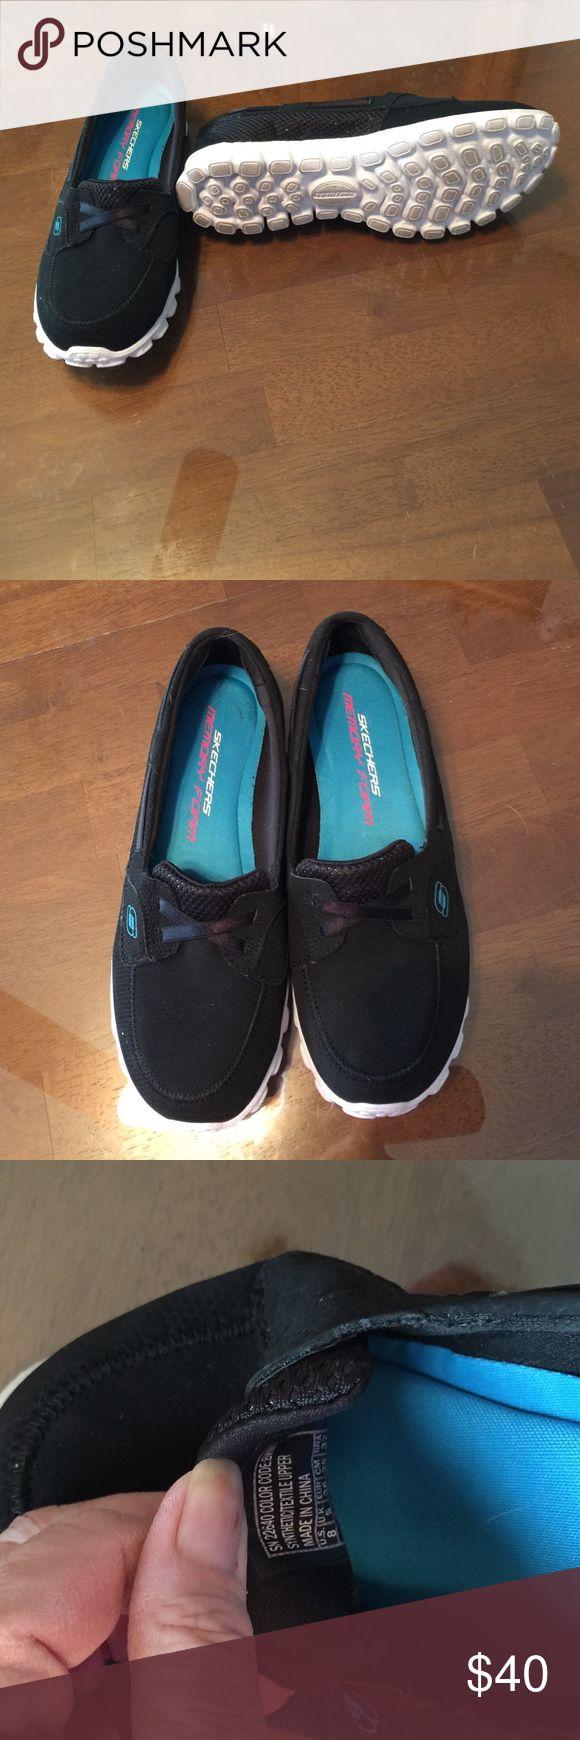 Skechers Slip-Ons, black with Memory Foam Black Skechers Slip-Ons with Memory Foam, size 8, New & only worn in the store, very clean Skechers Shoes Sneakers